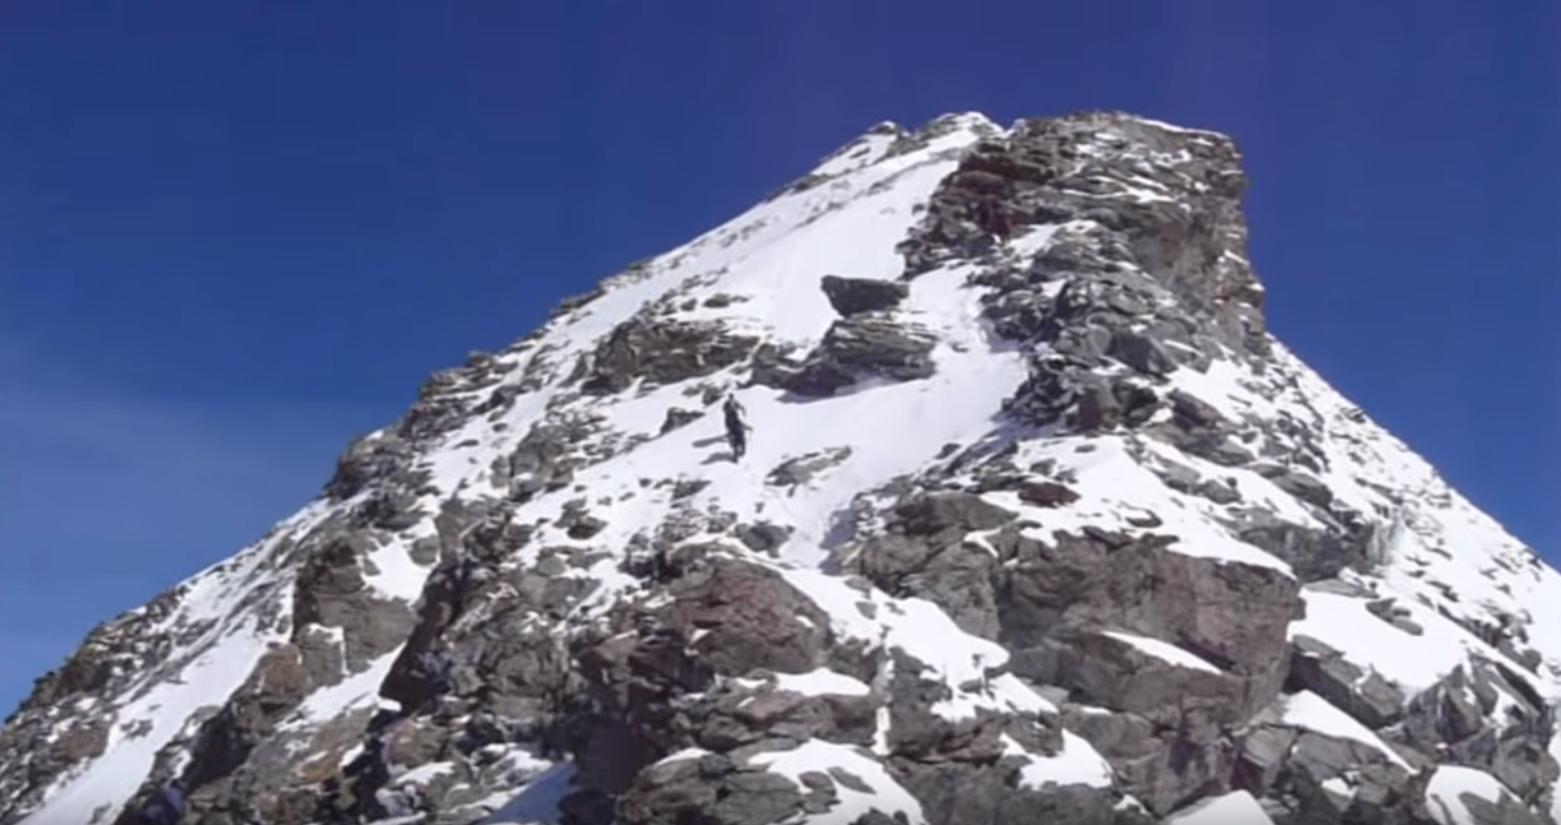 Alpinisme – Dent Blanche – 4357 m – Arête Sud en vidéo